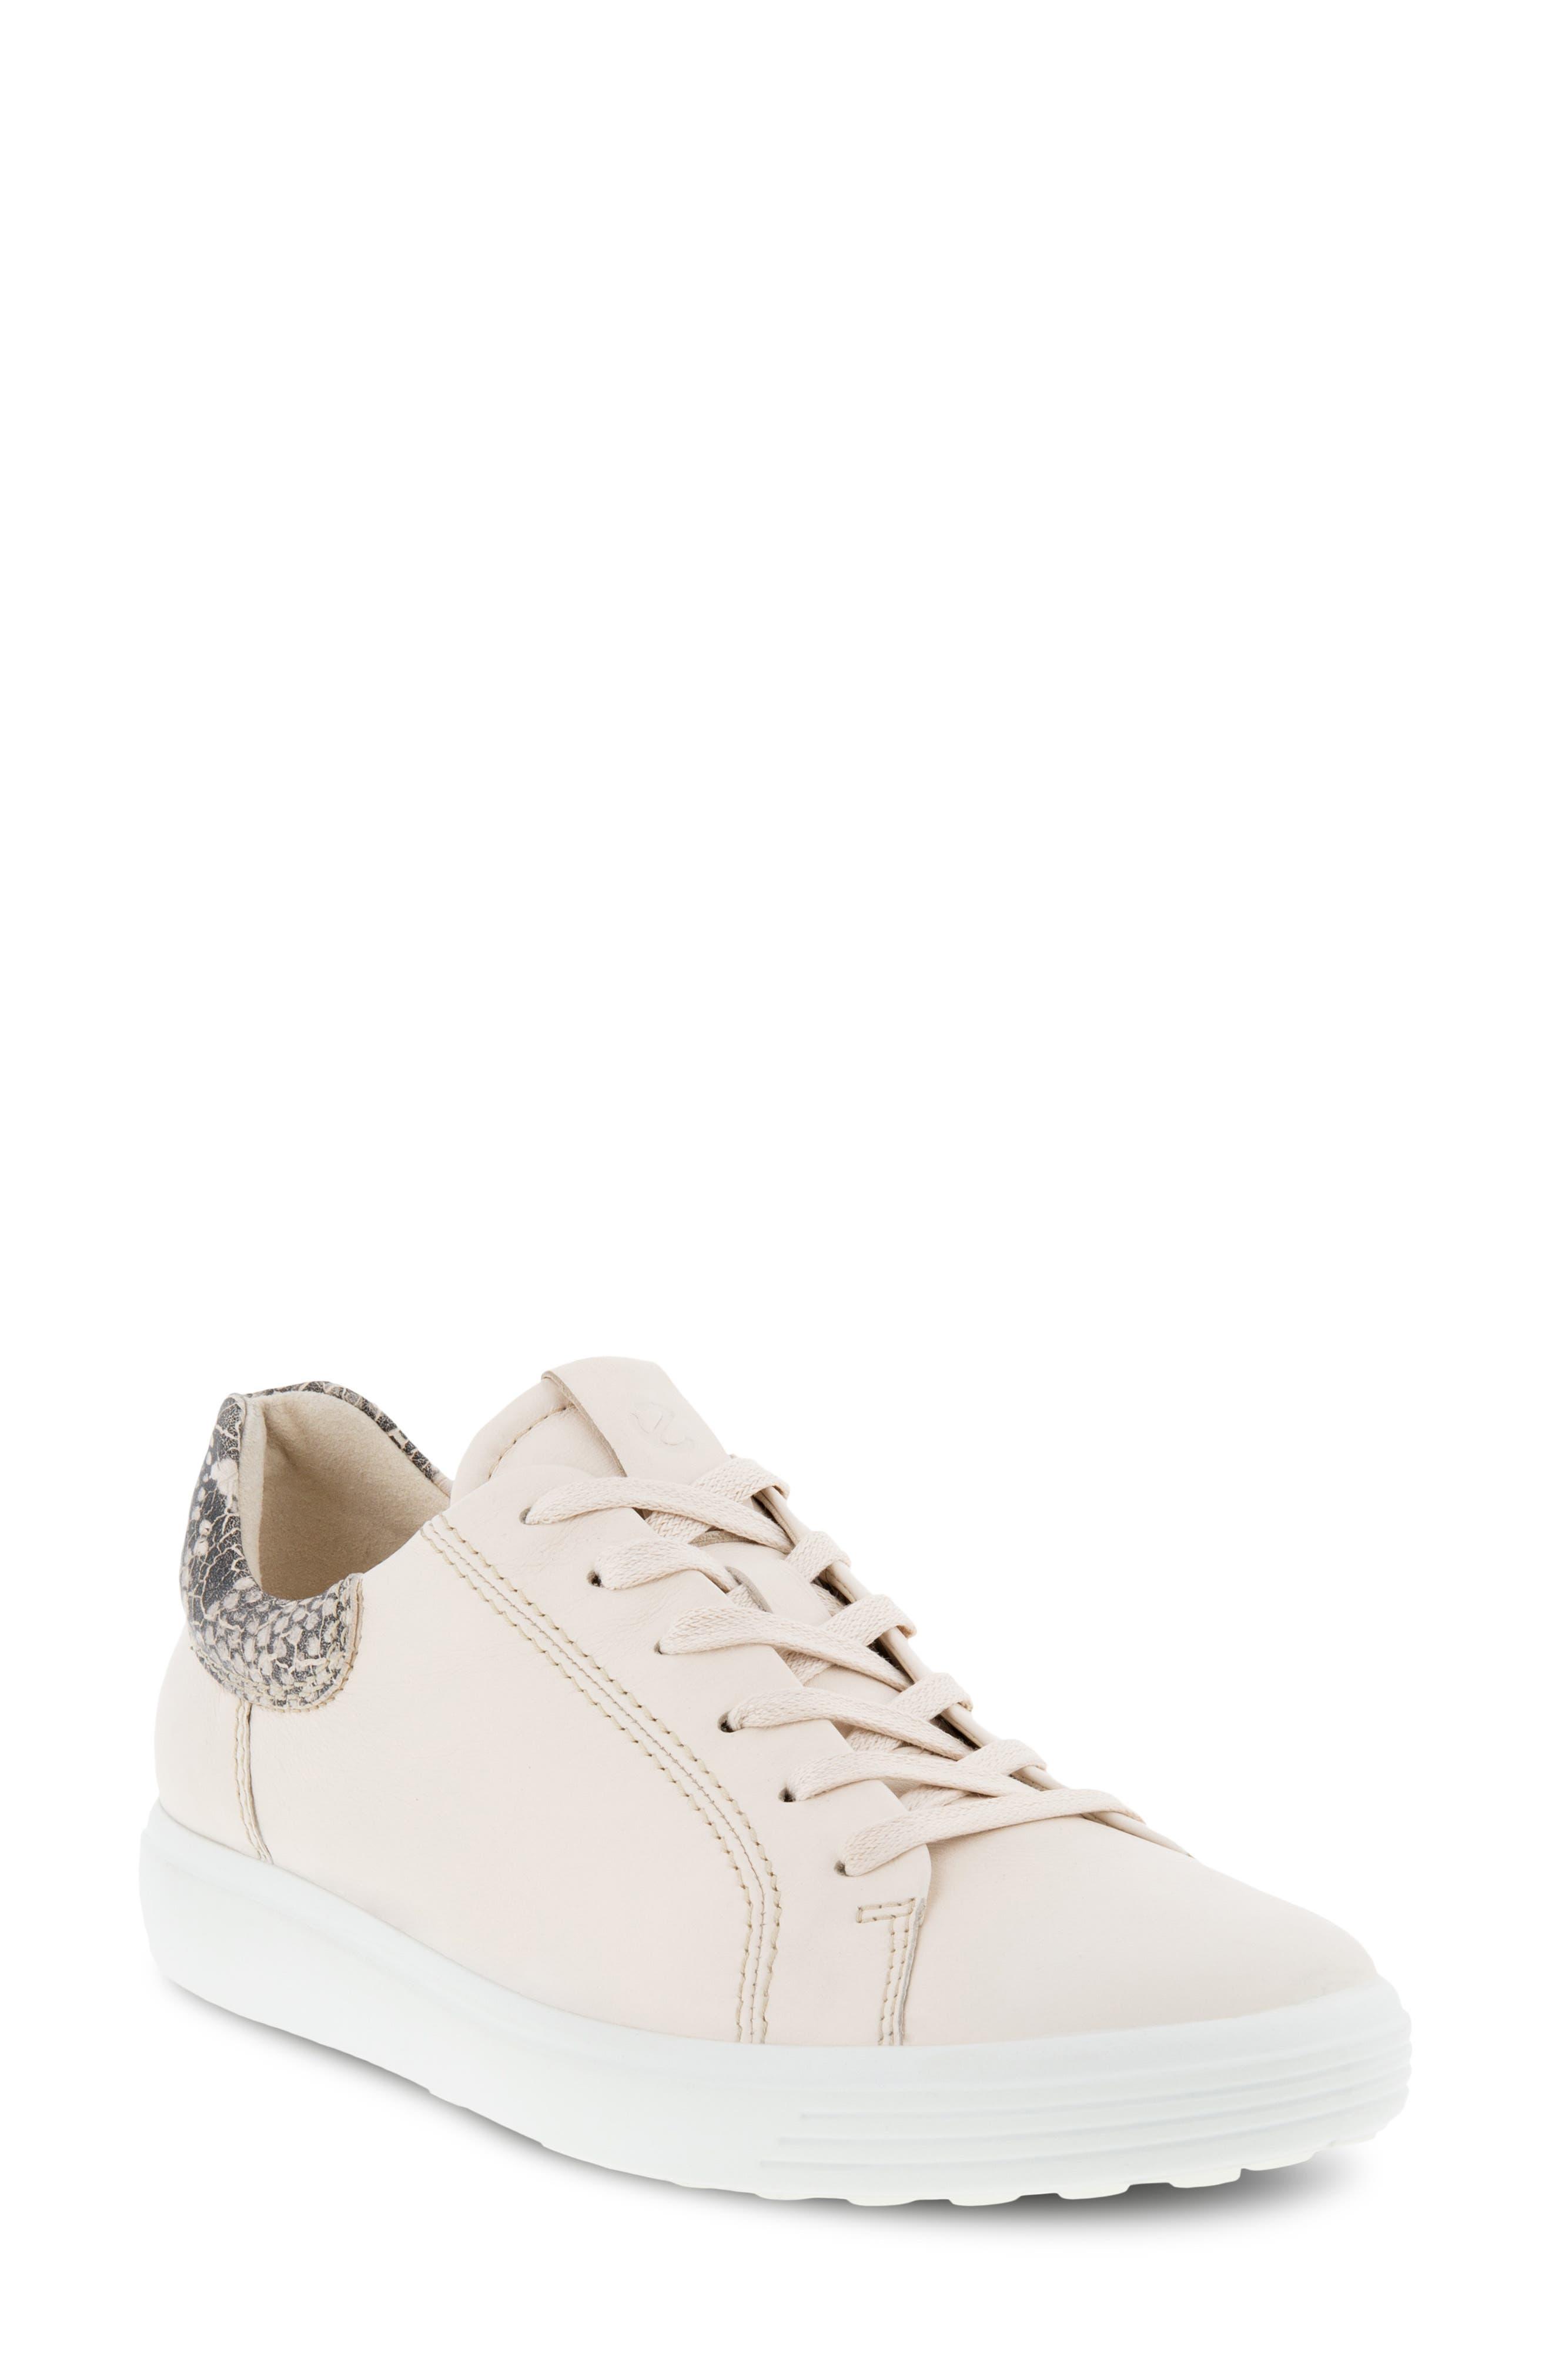 Women's Ecco Soft 7 Street 2.0 Sneaker